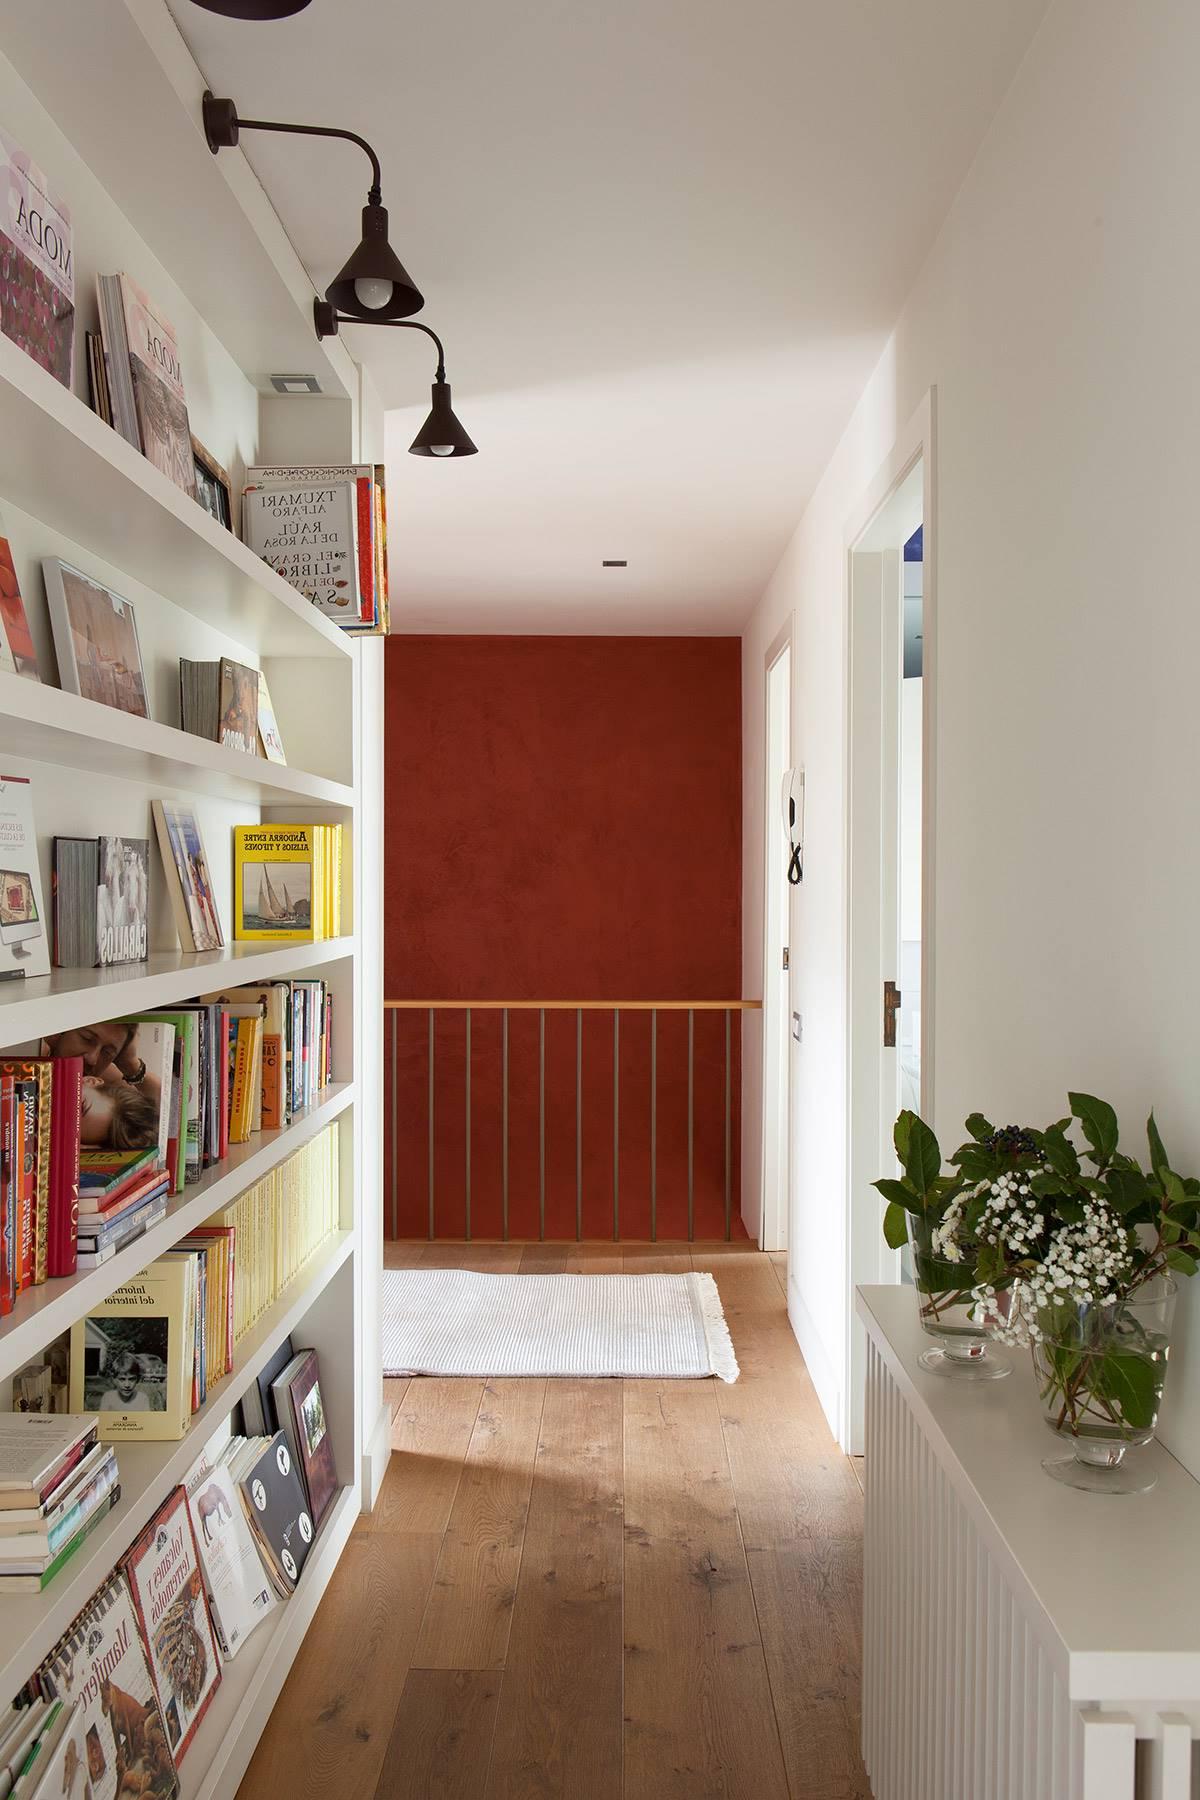 Muebles Para Pasillos 4pde todo sobre La Decoracià N De Pasillos Y Recibidores